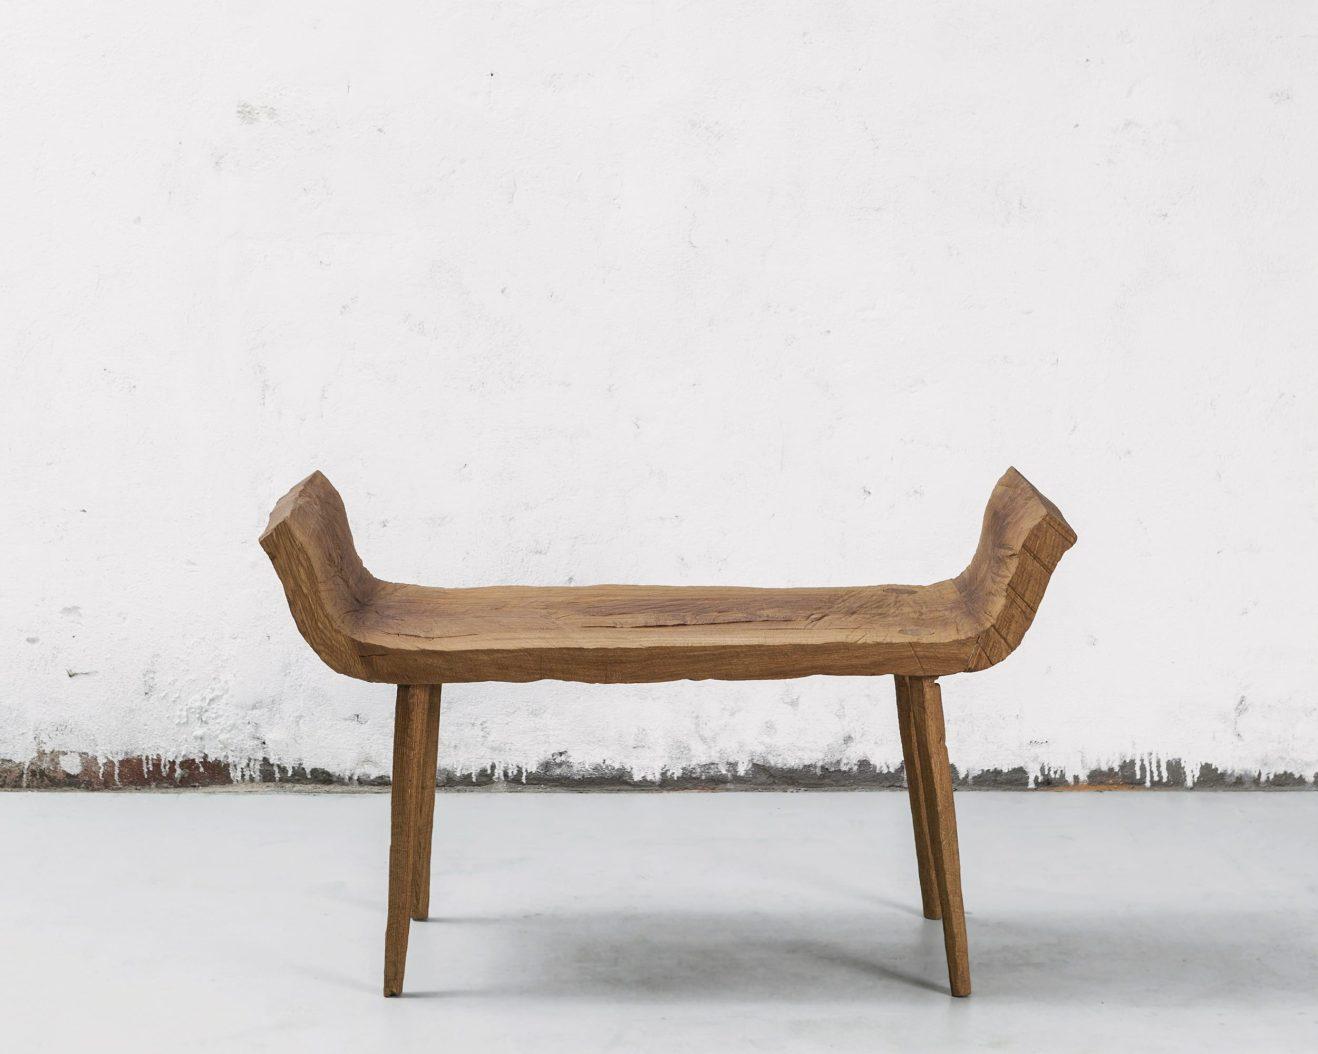 soha-concept-bench-12-2